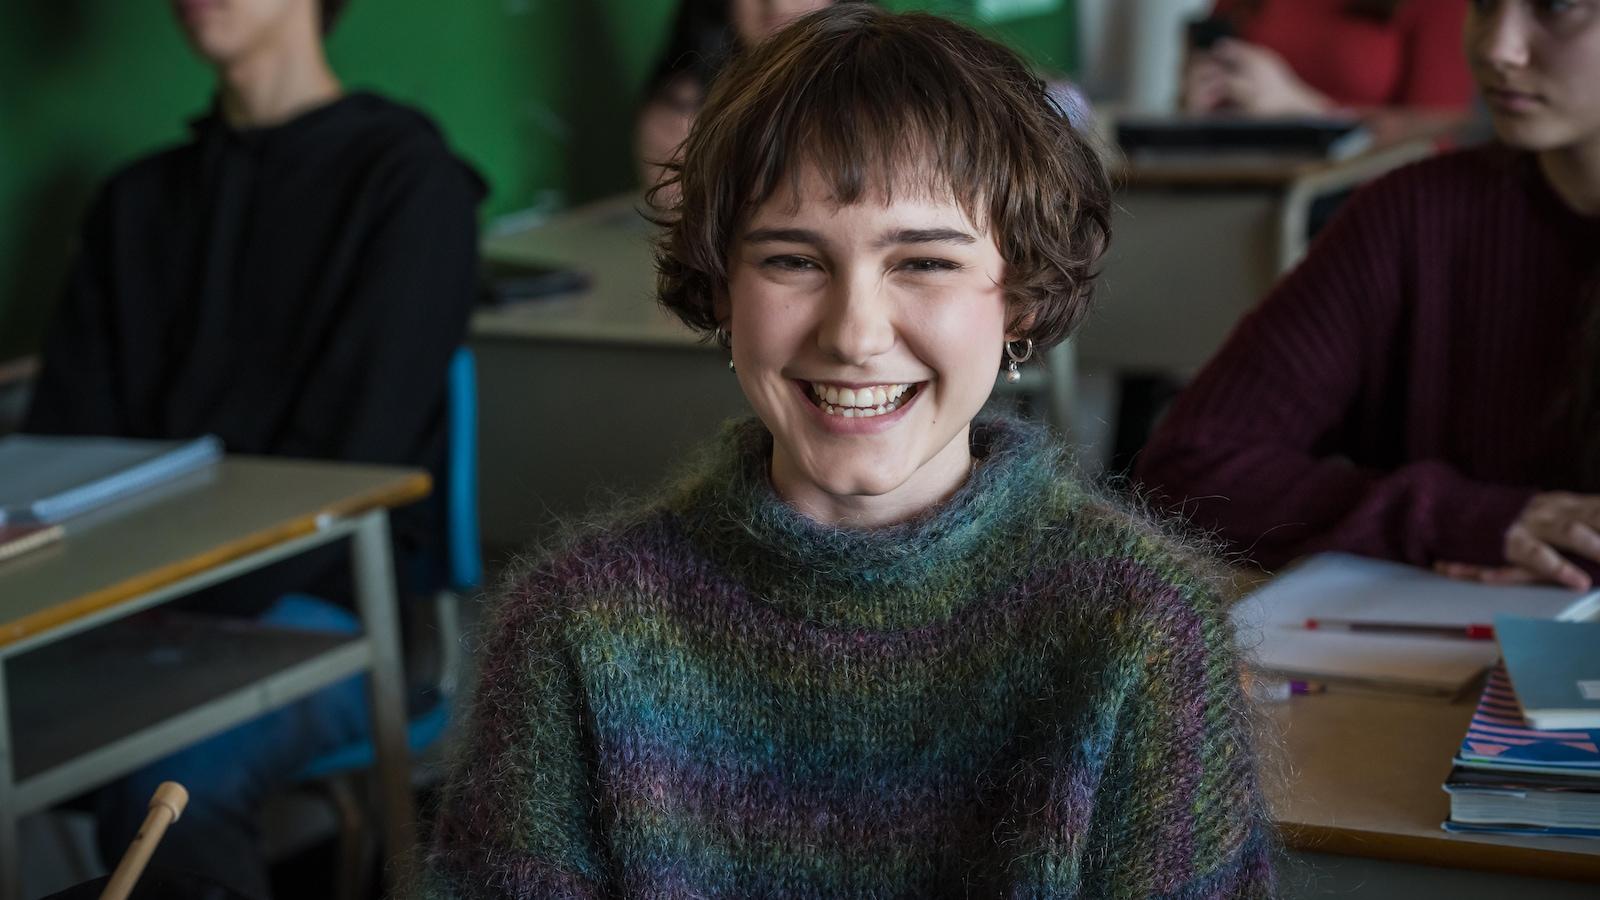 La jeune ado sourit en classe